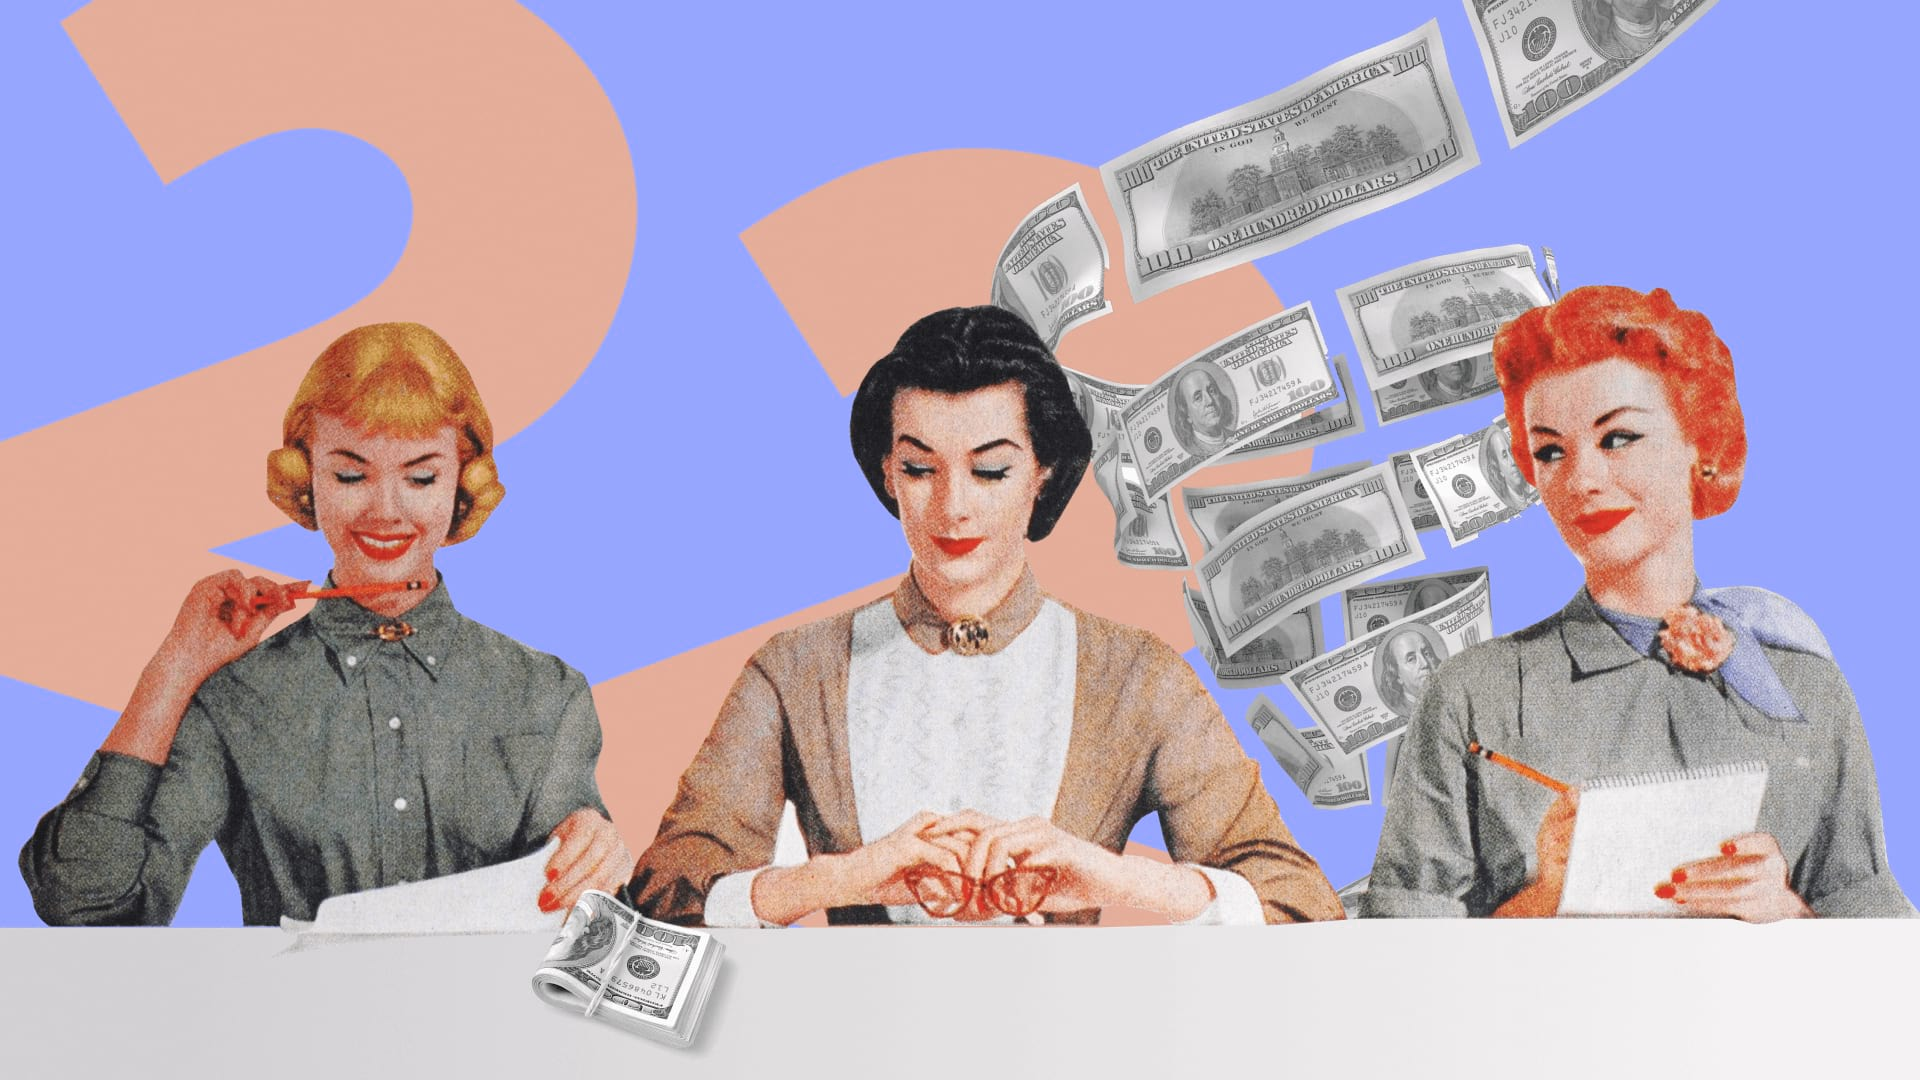 22 актуальные digital-профессии: чем занимаются и сколько зарабатывают